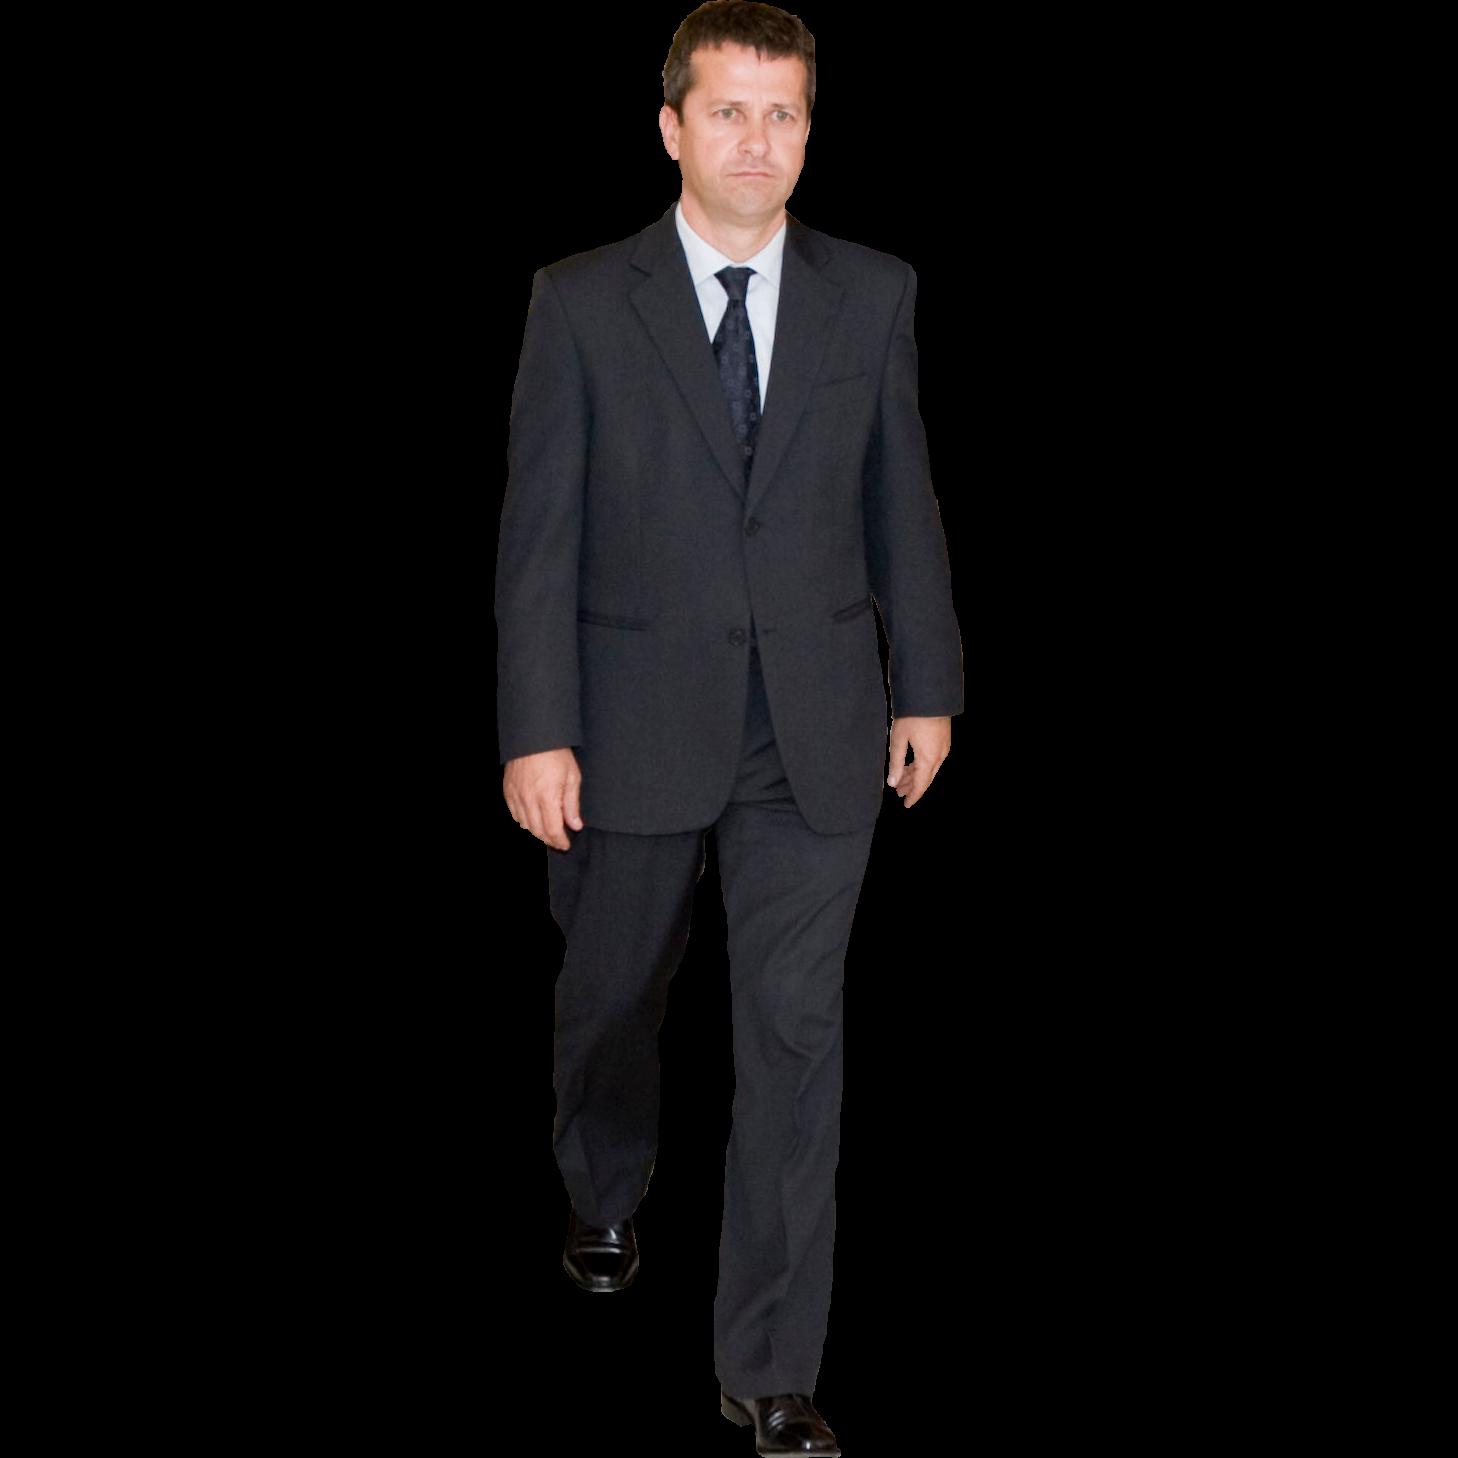 Suit png images all. Men clipart transparent background